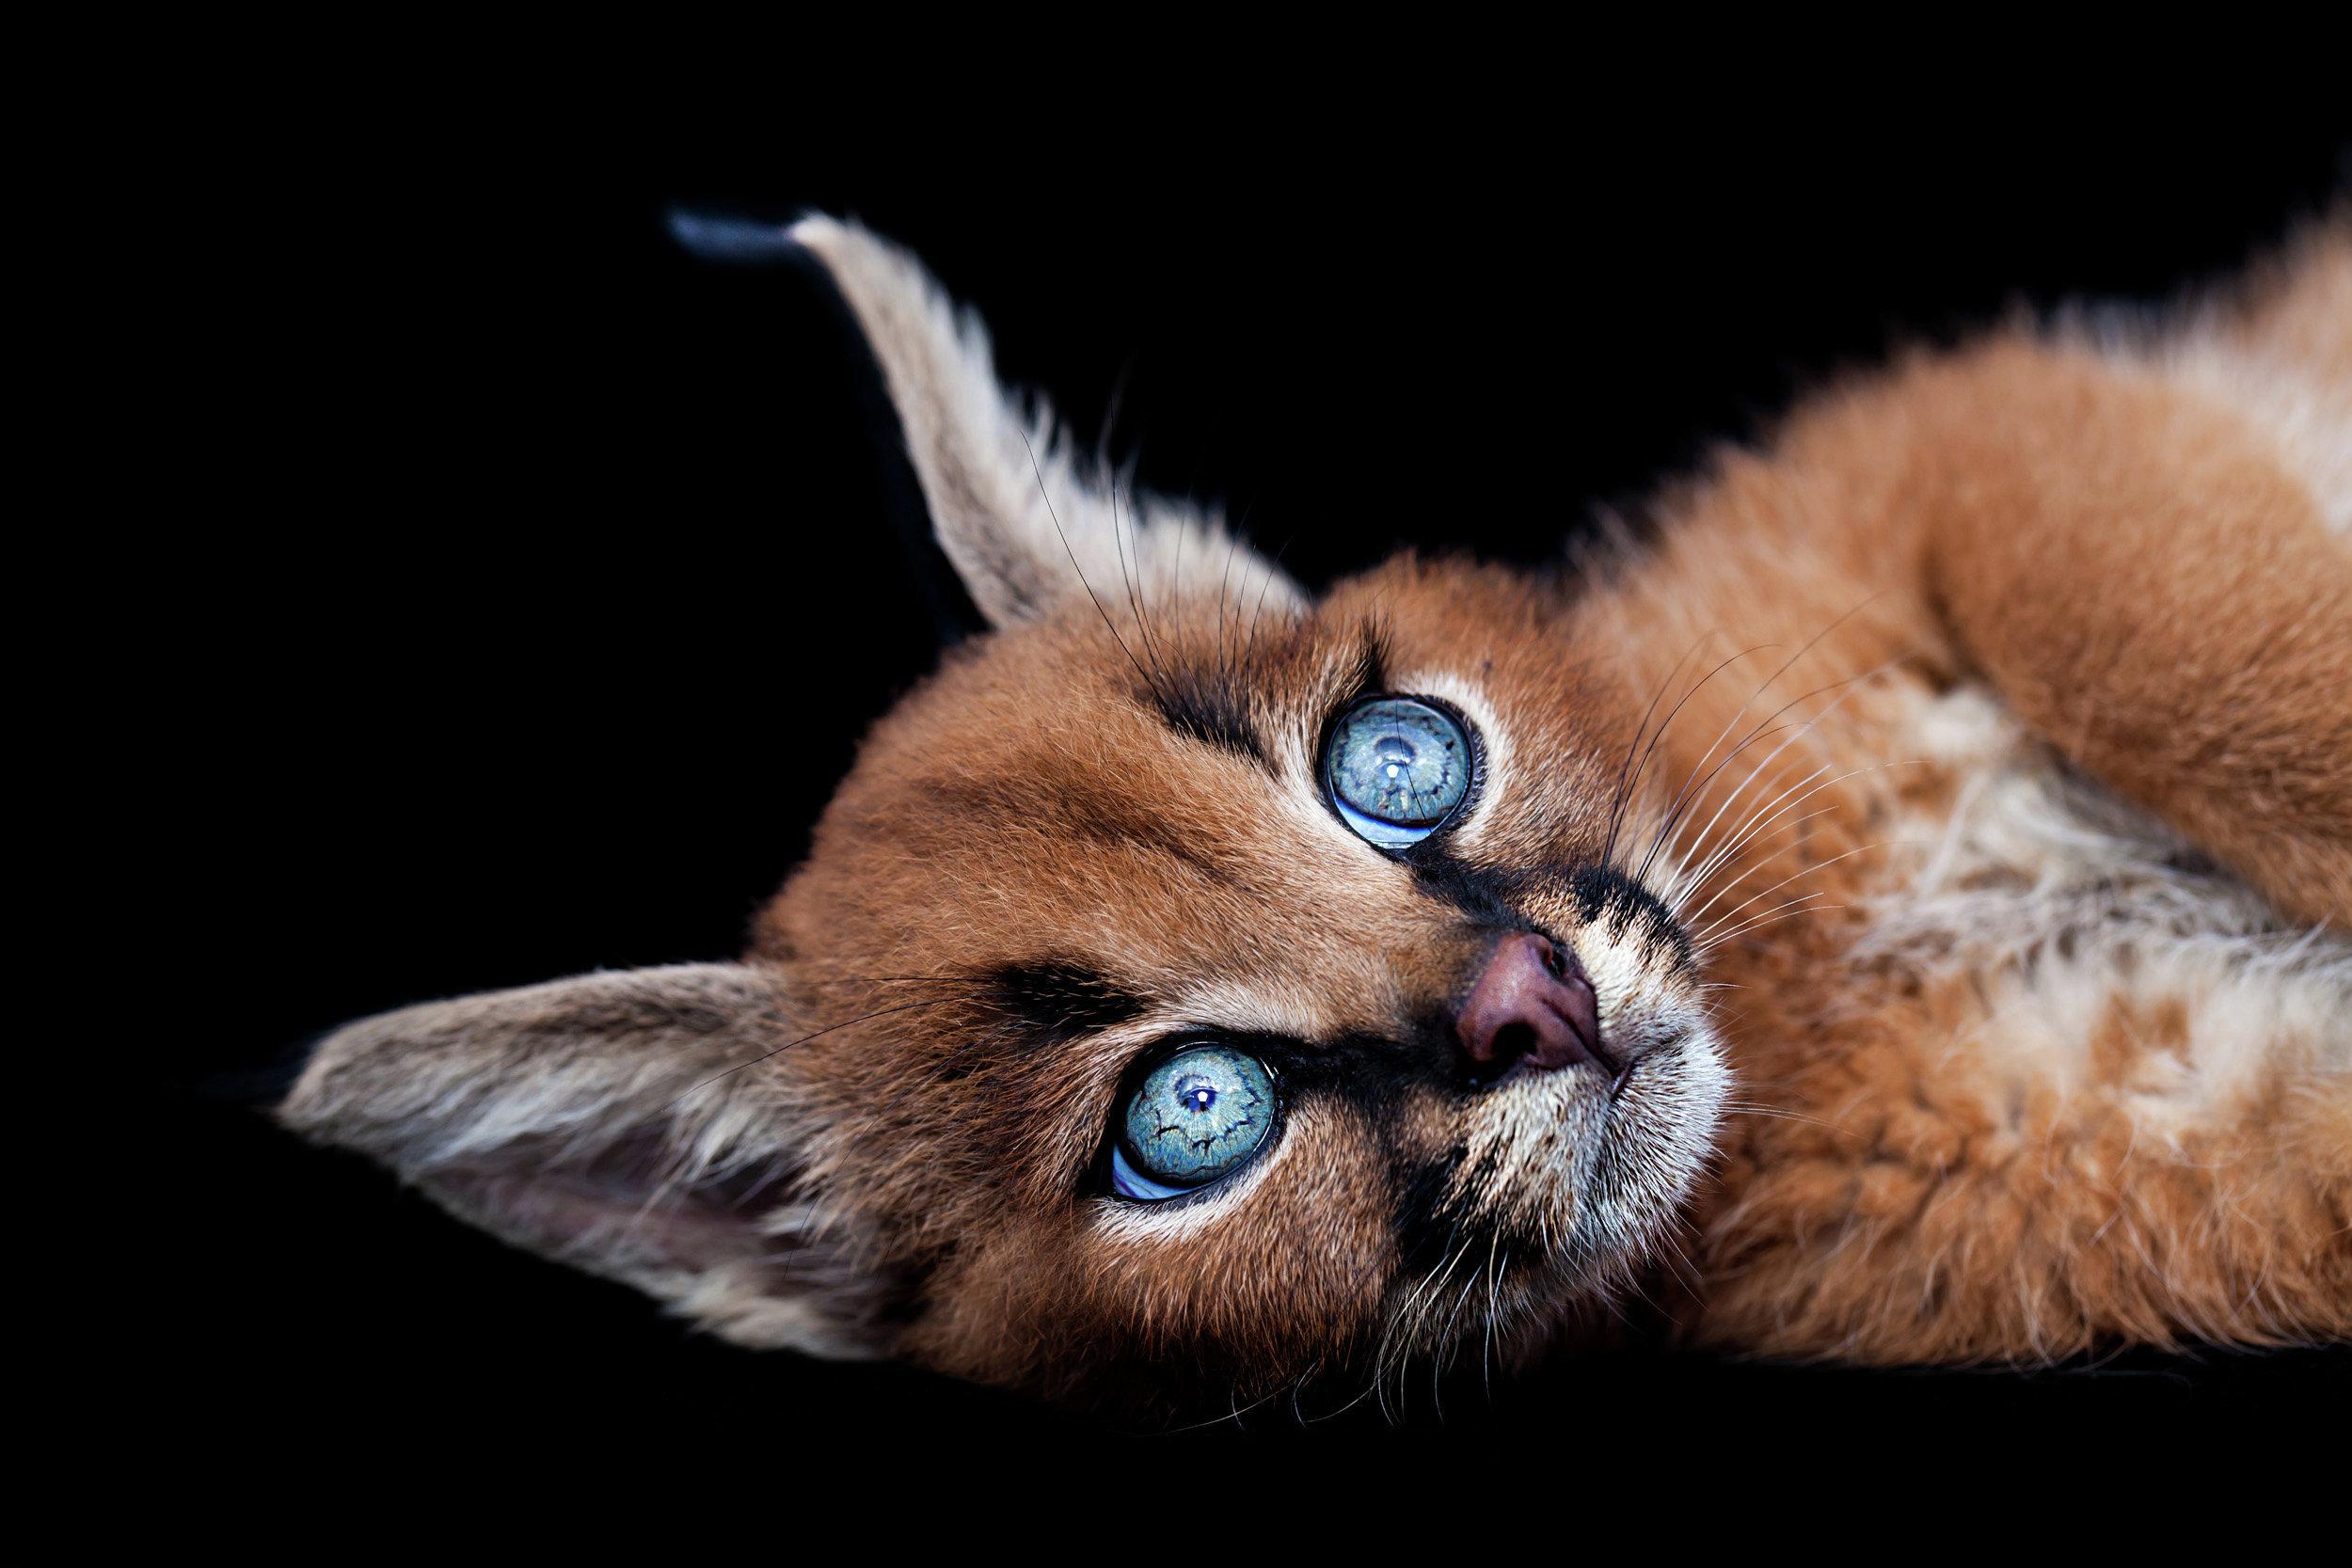 Котенок породы каракал. Архивное фото